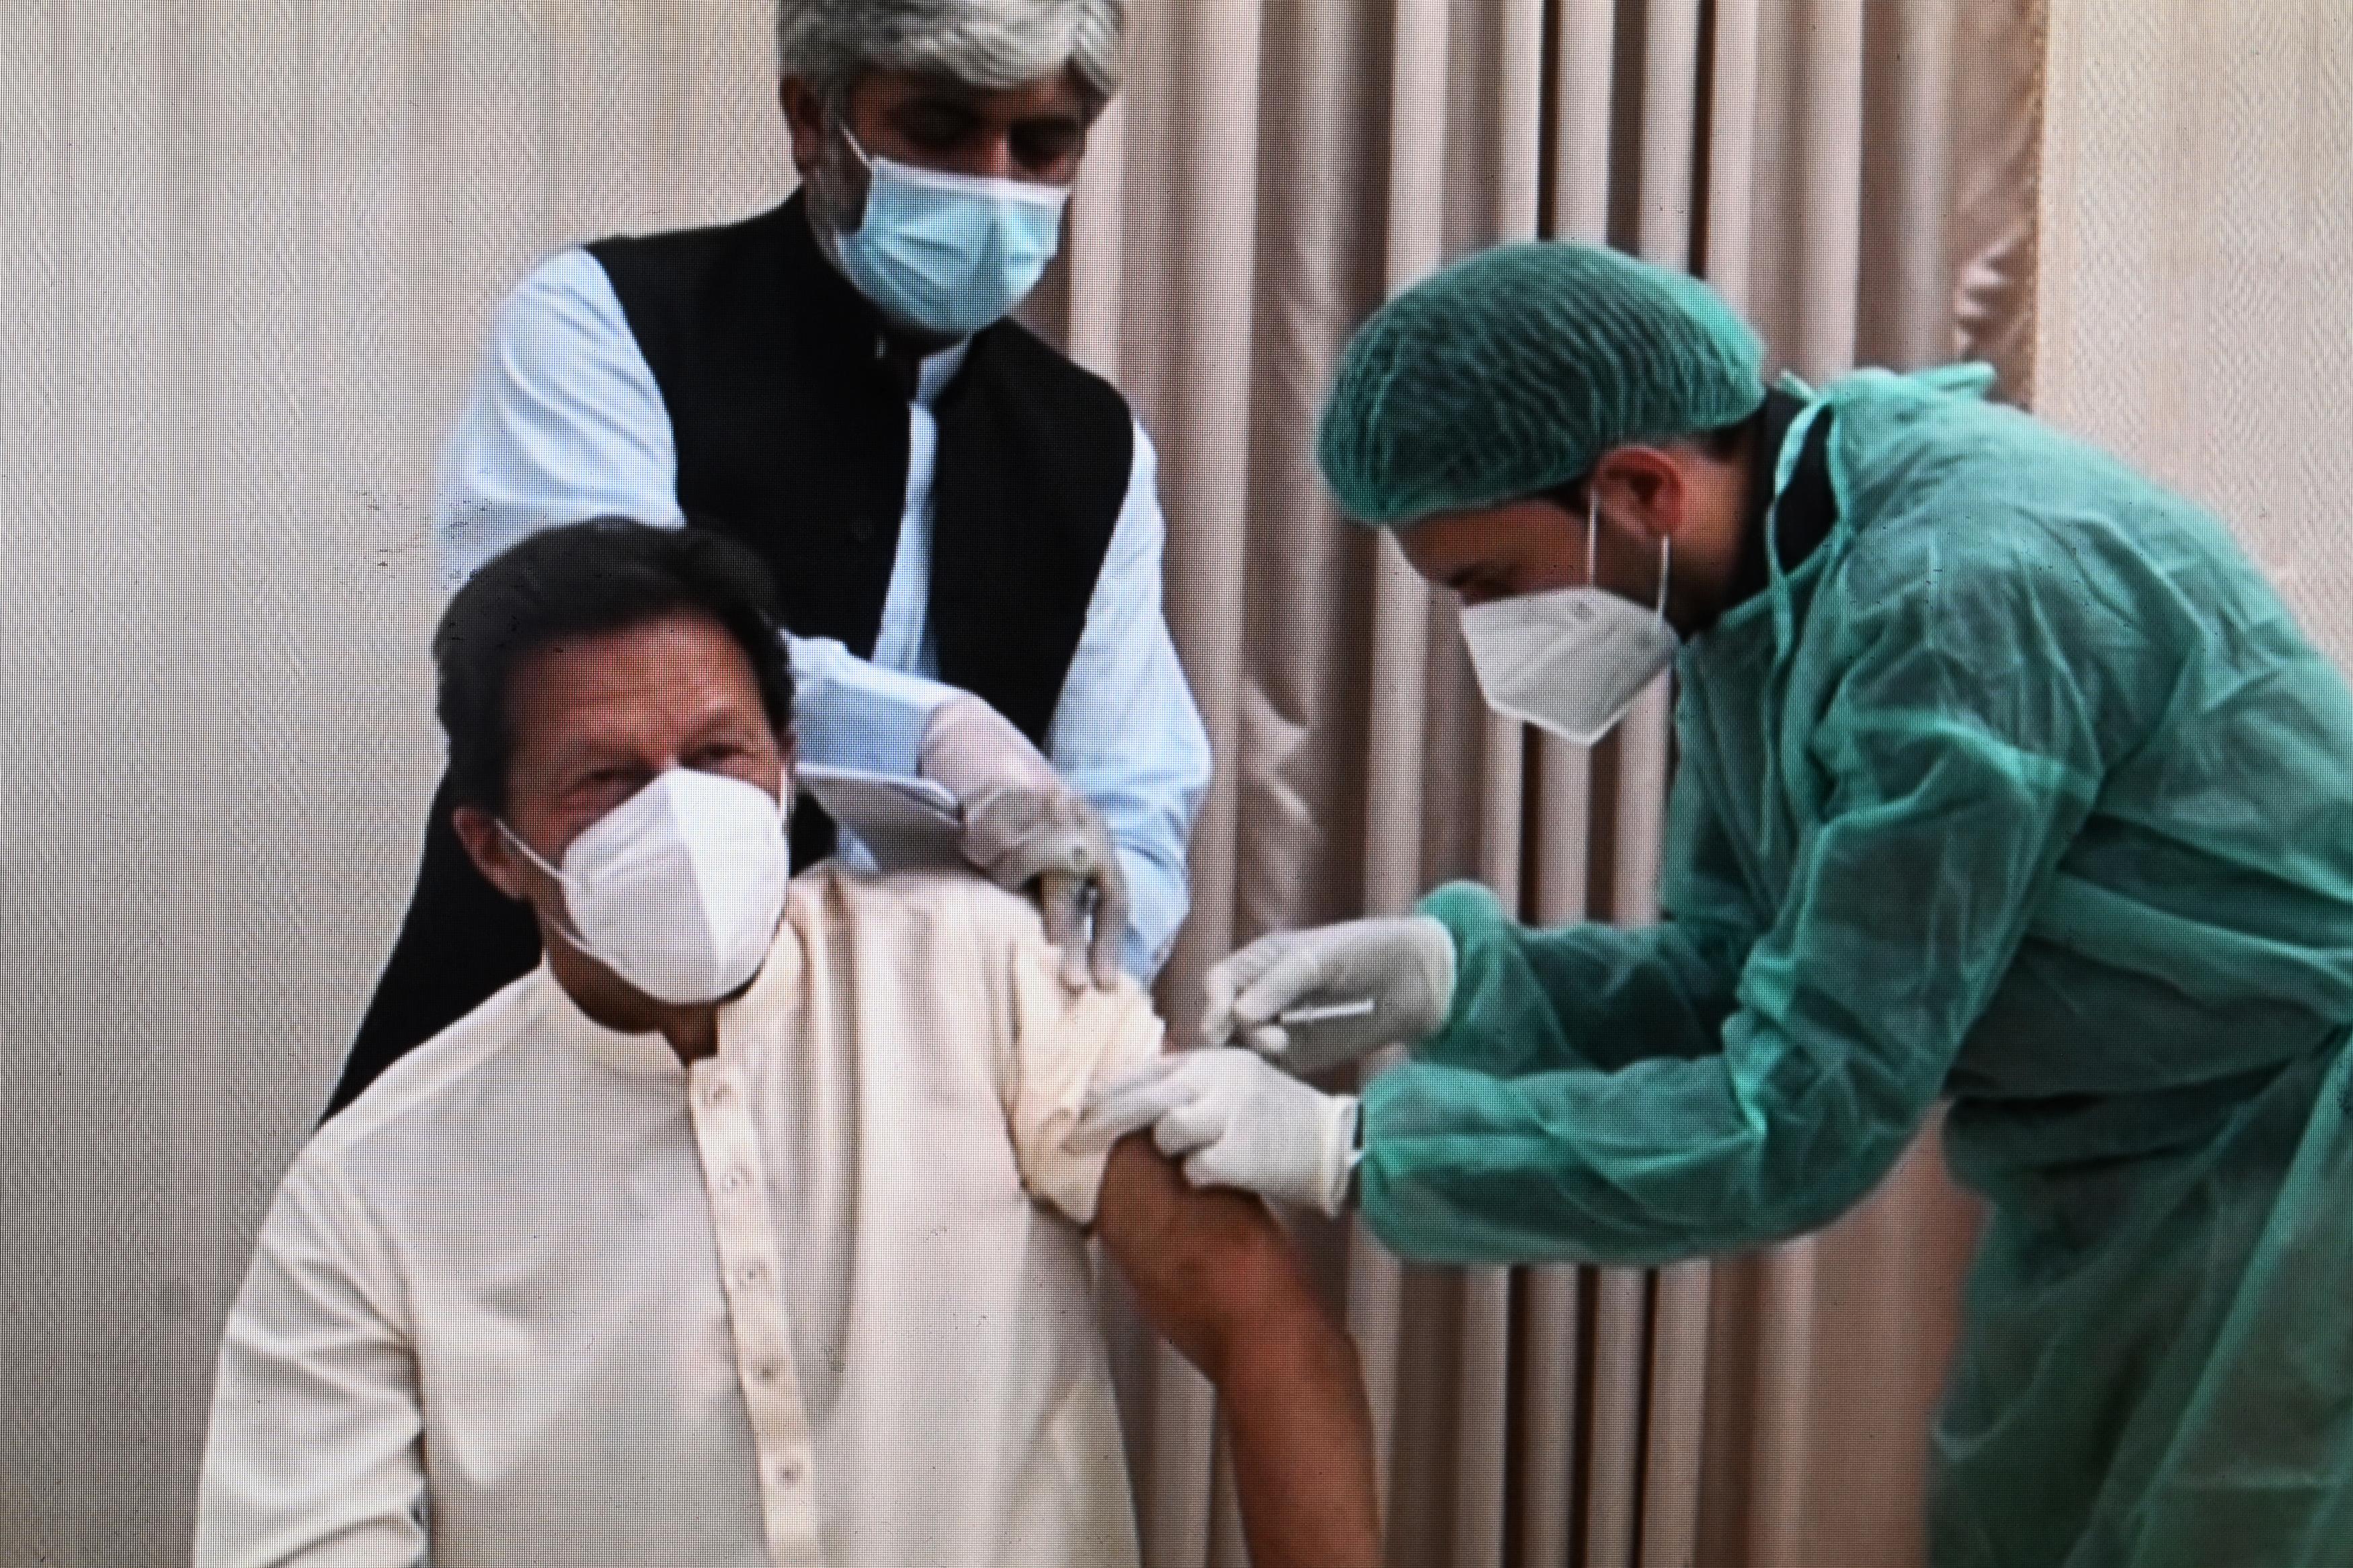 Koronavírusos lett a pakisztáni kormányfő két nappal azután, hogy megkapta az oltást